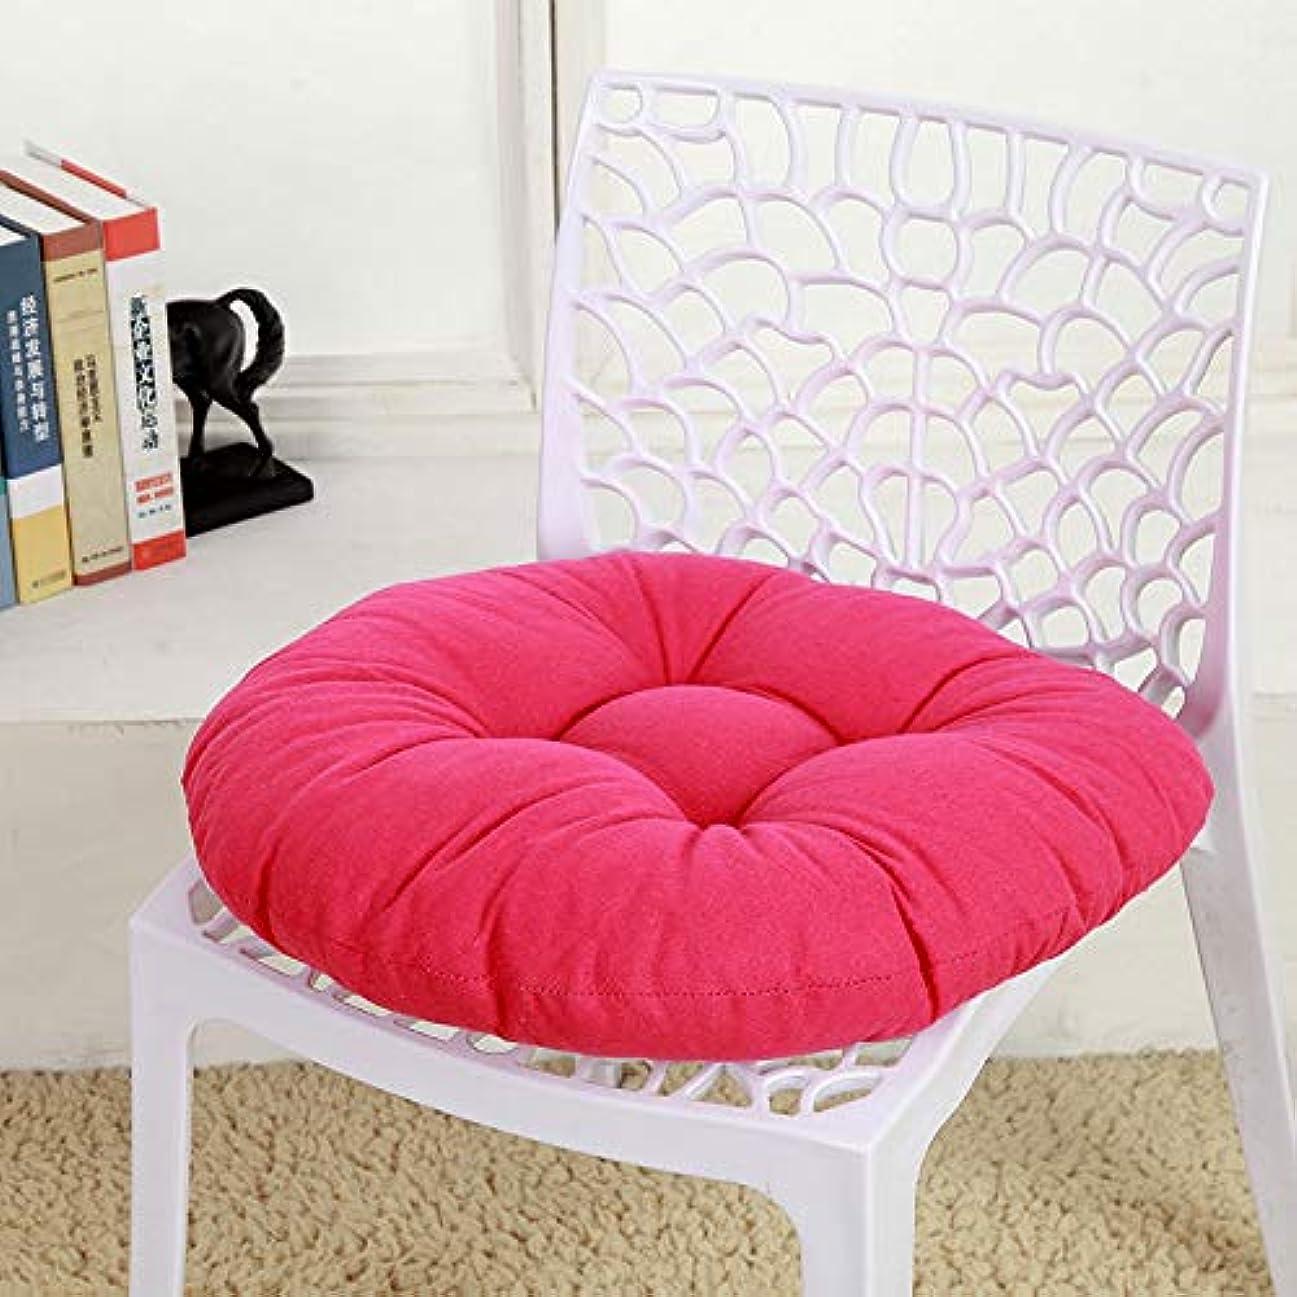 無意識設置順番SMART キャンディカラーのクッションラウンドシートクッション波ウィンドウシートクッションクッション家の装飾パッドラウンド枕シート枕椅子座る枕 クッション 椅子